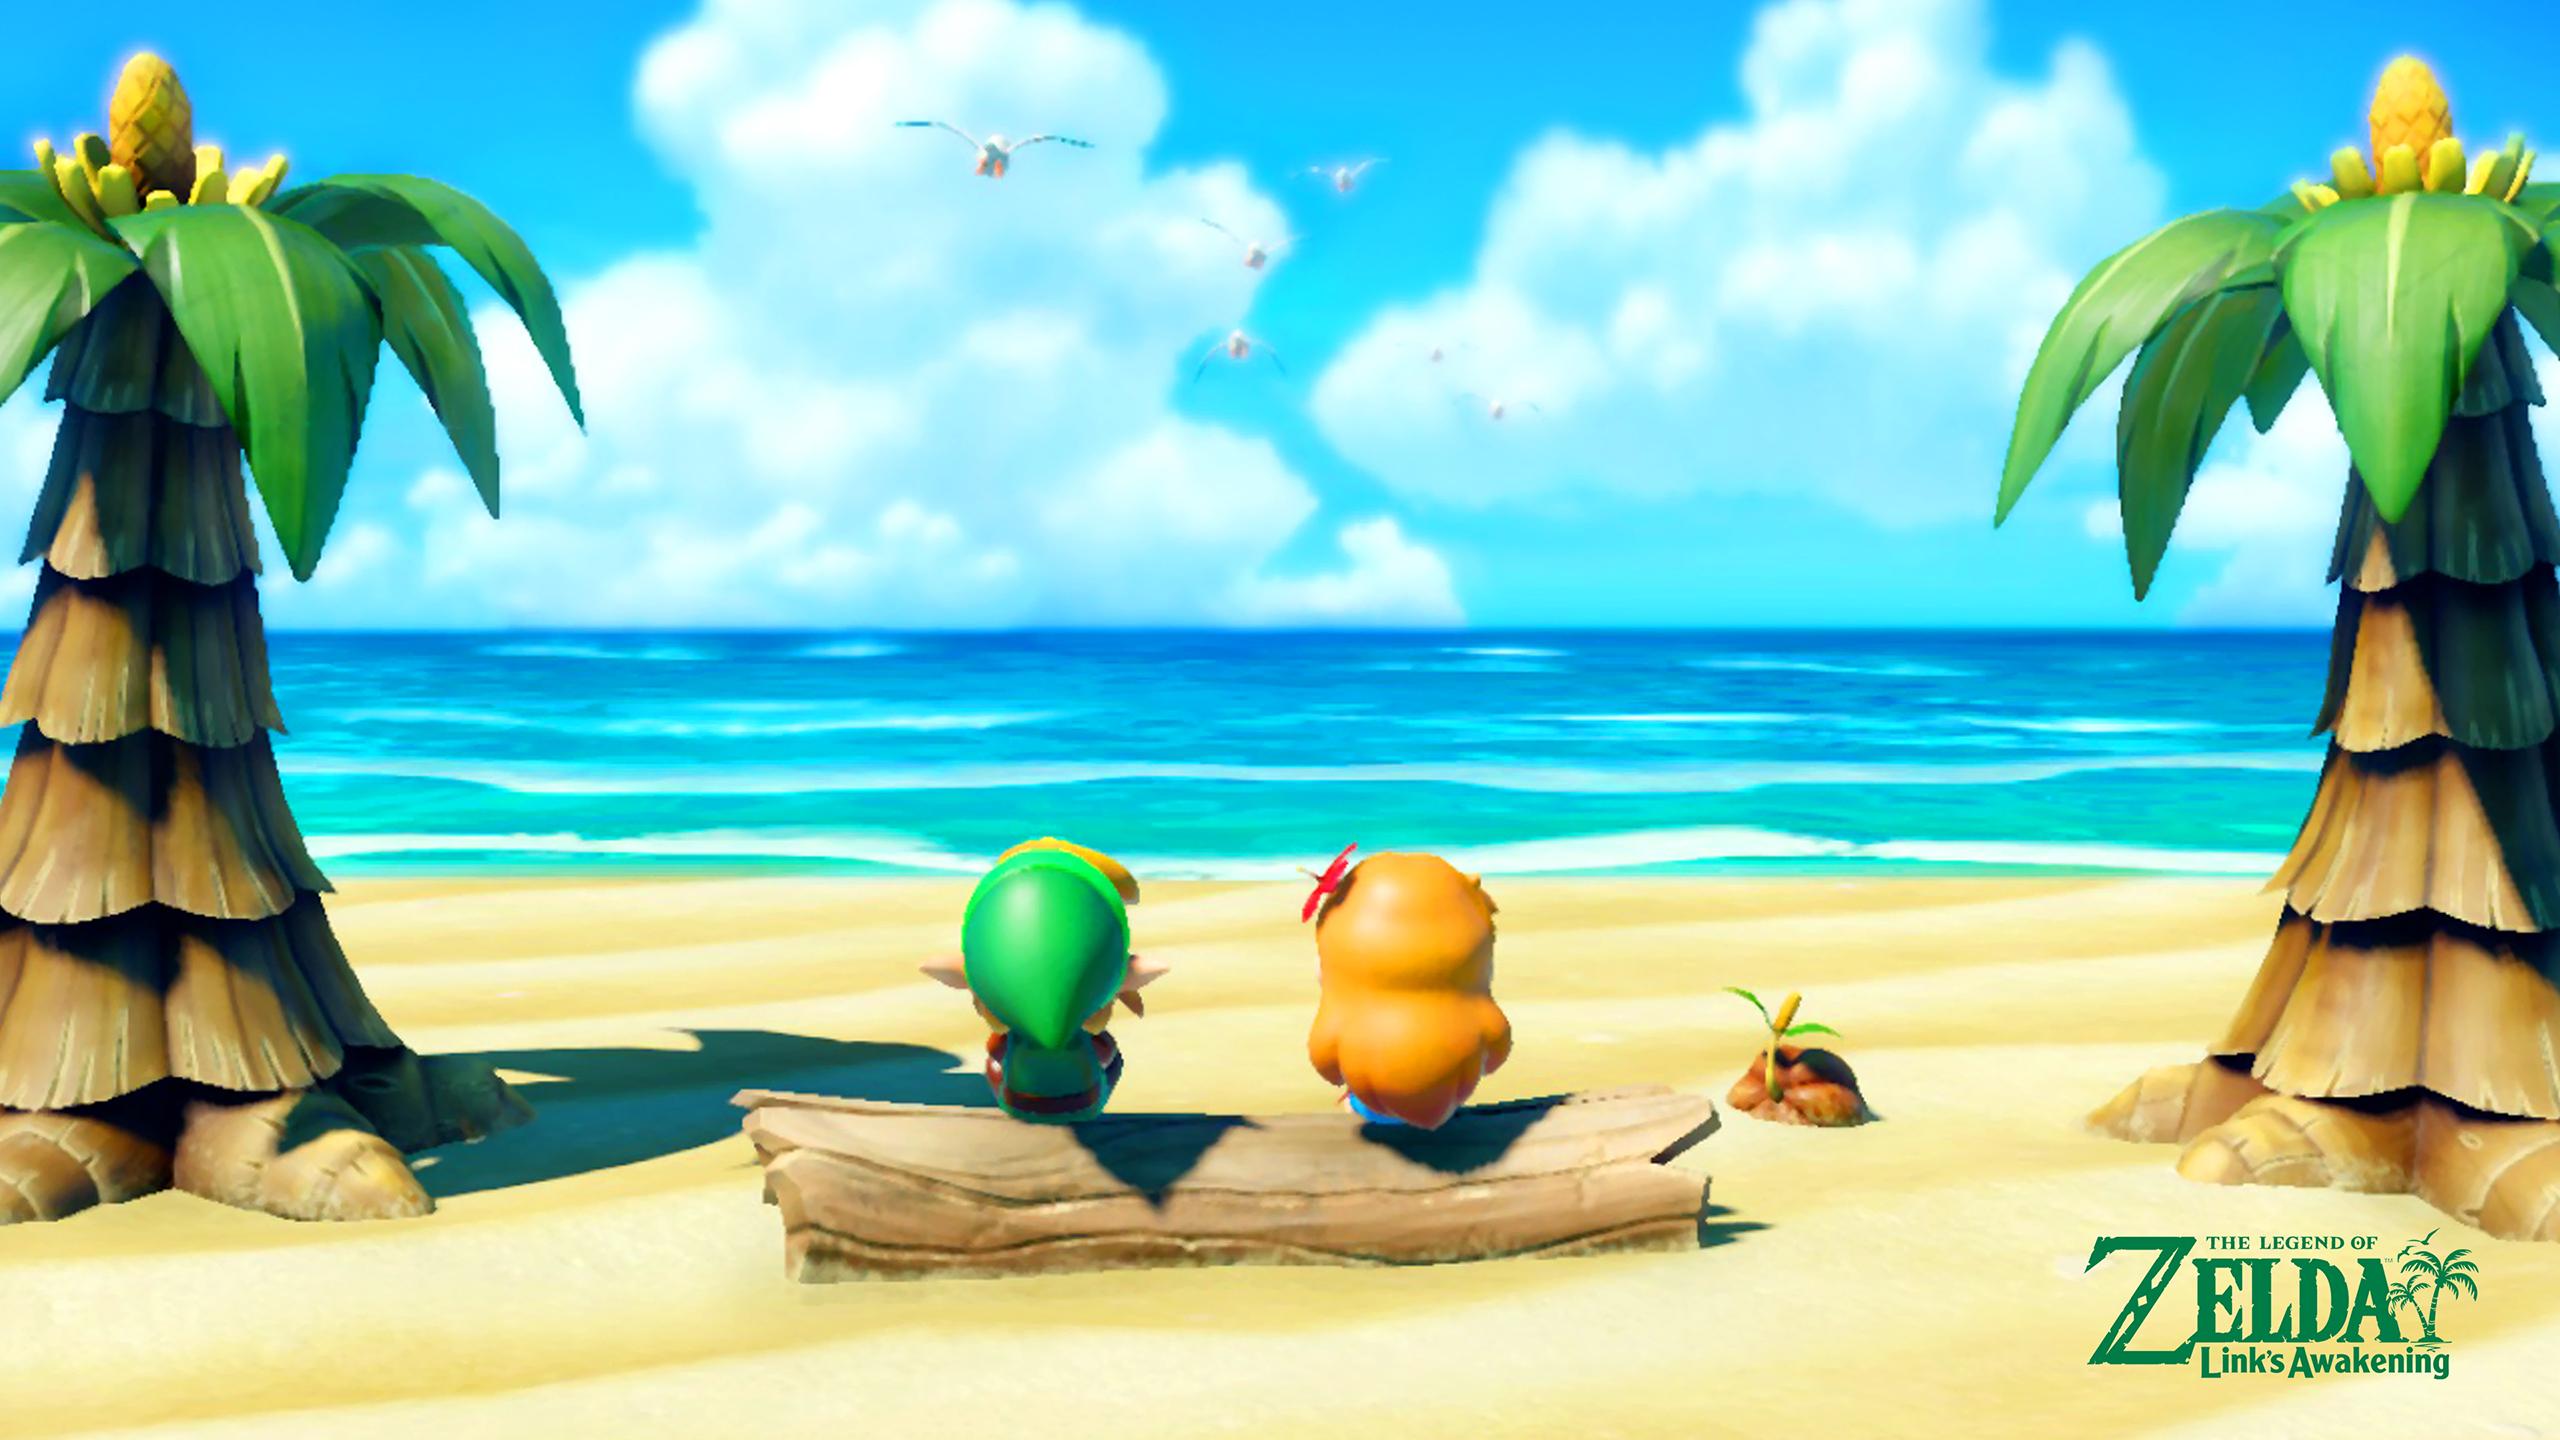 The Legend of Zelda: Link's Awakening Beach Wallpaper ...